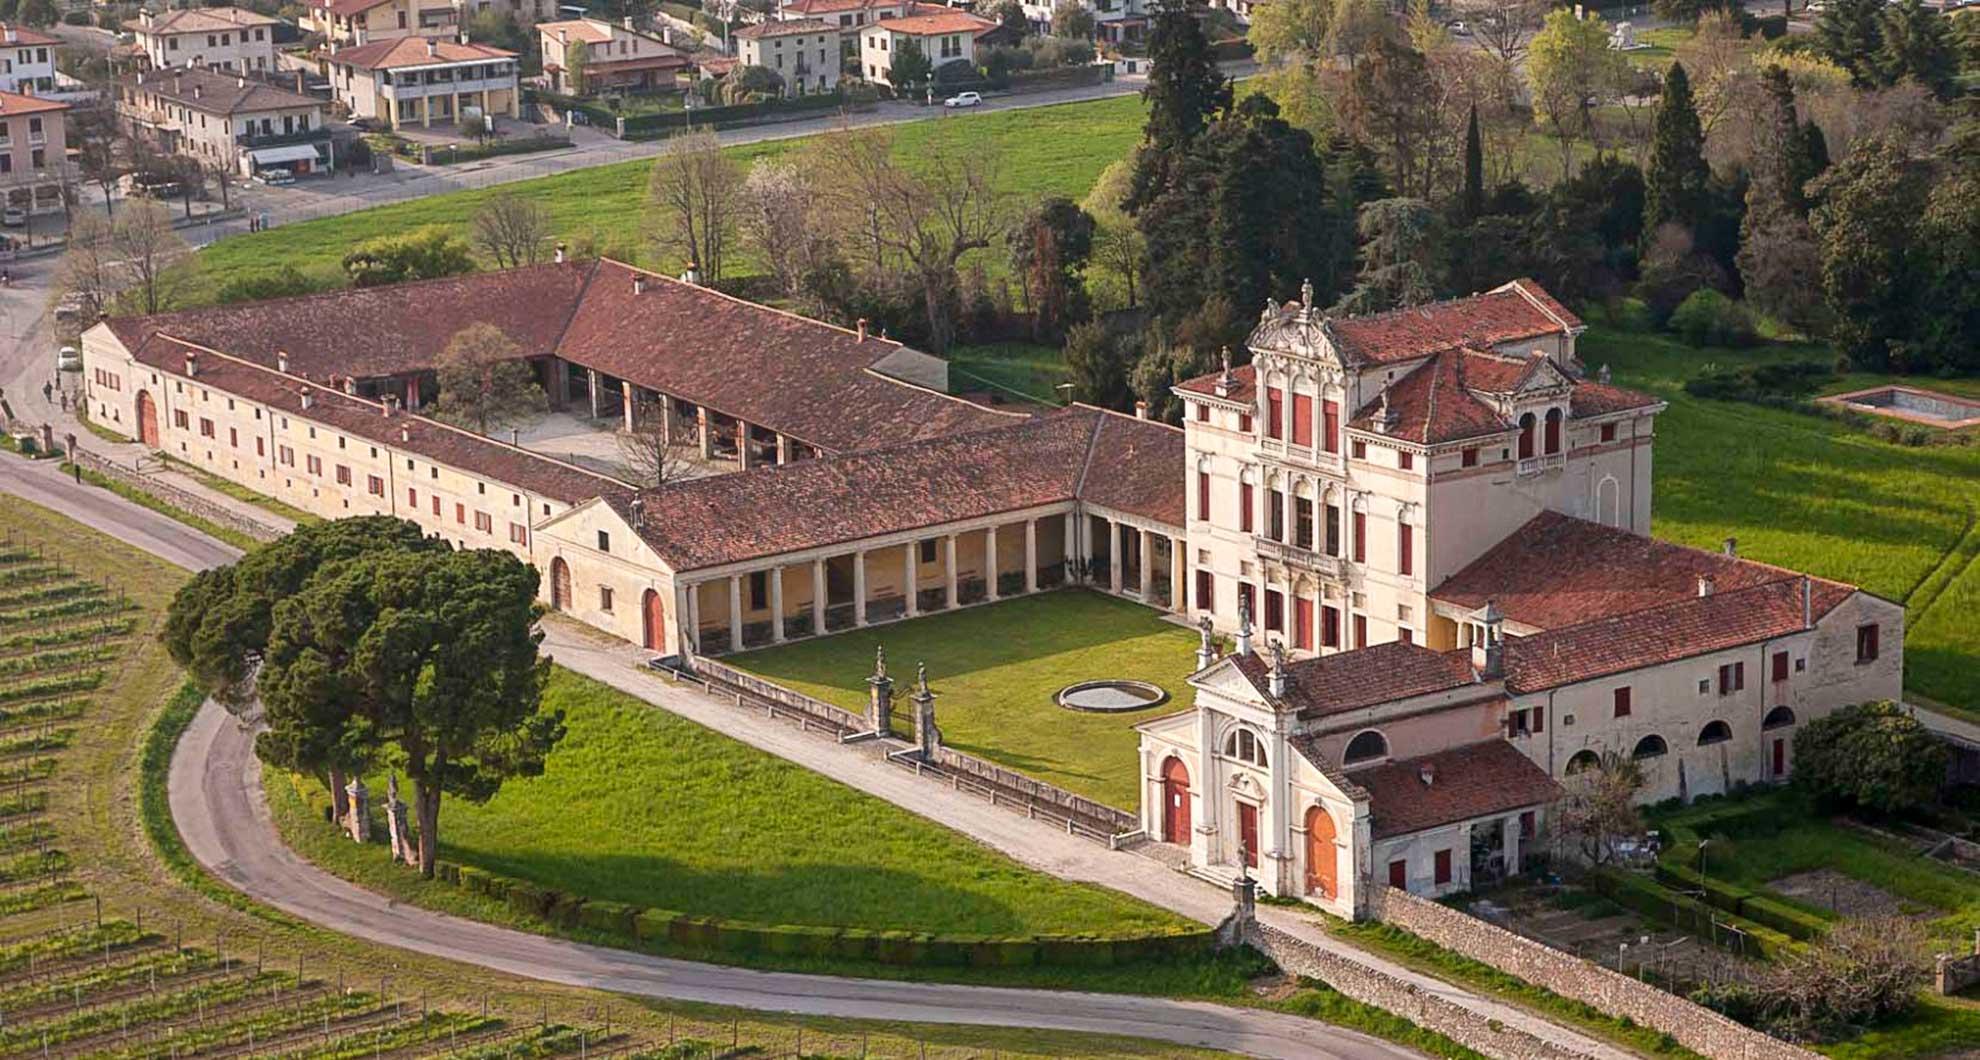 Architetto Bassano Del Grappa palladio a bassano: il ponte vecchio e villa angarano